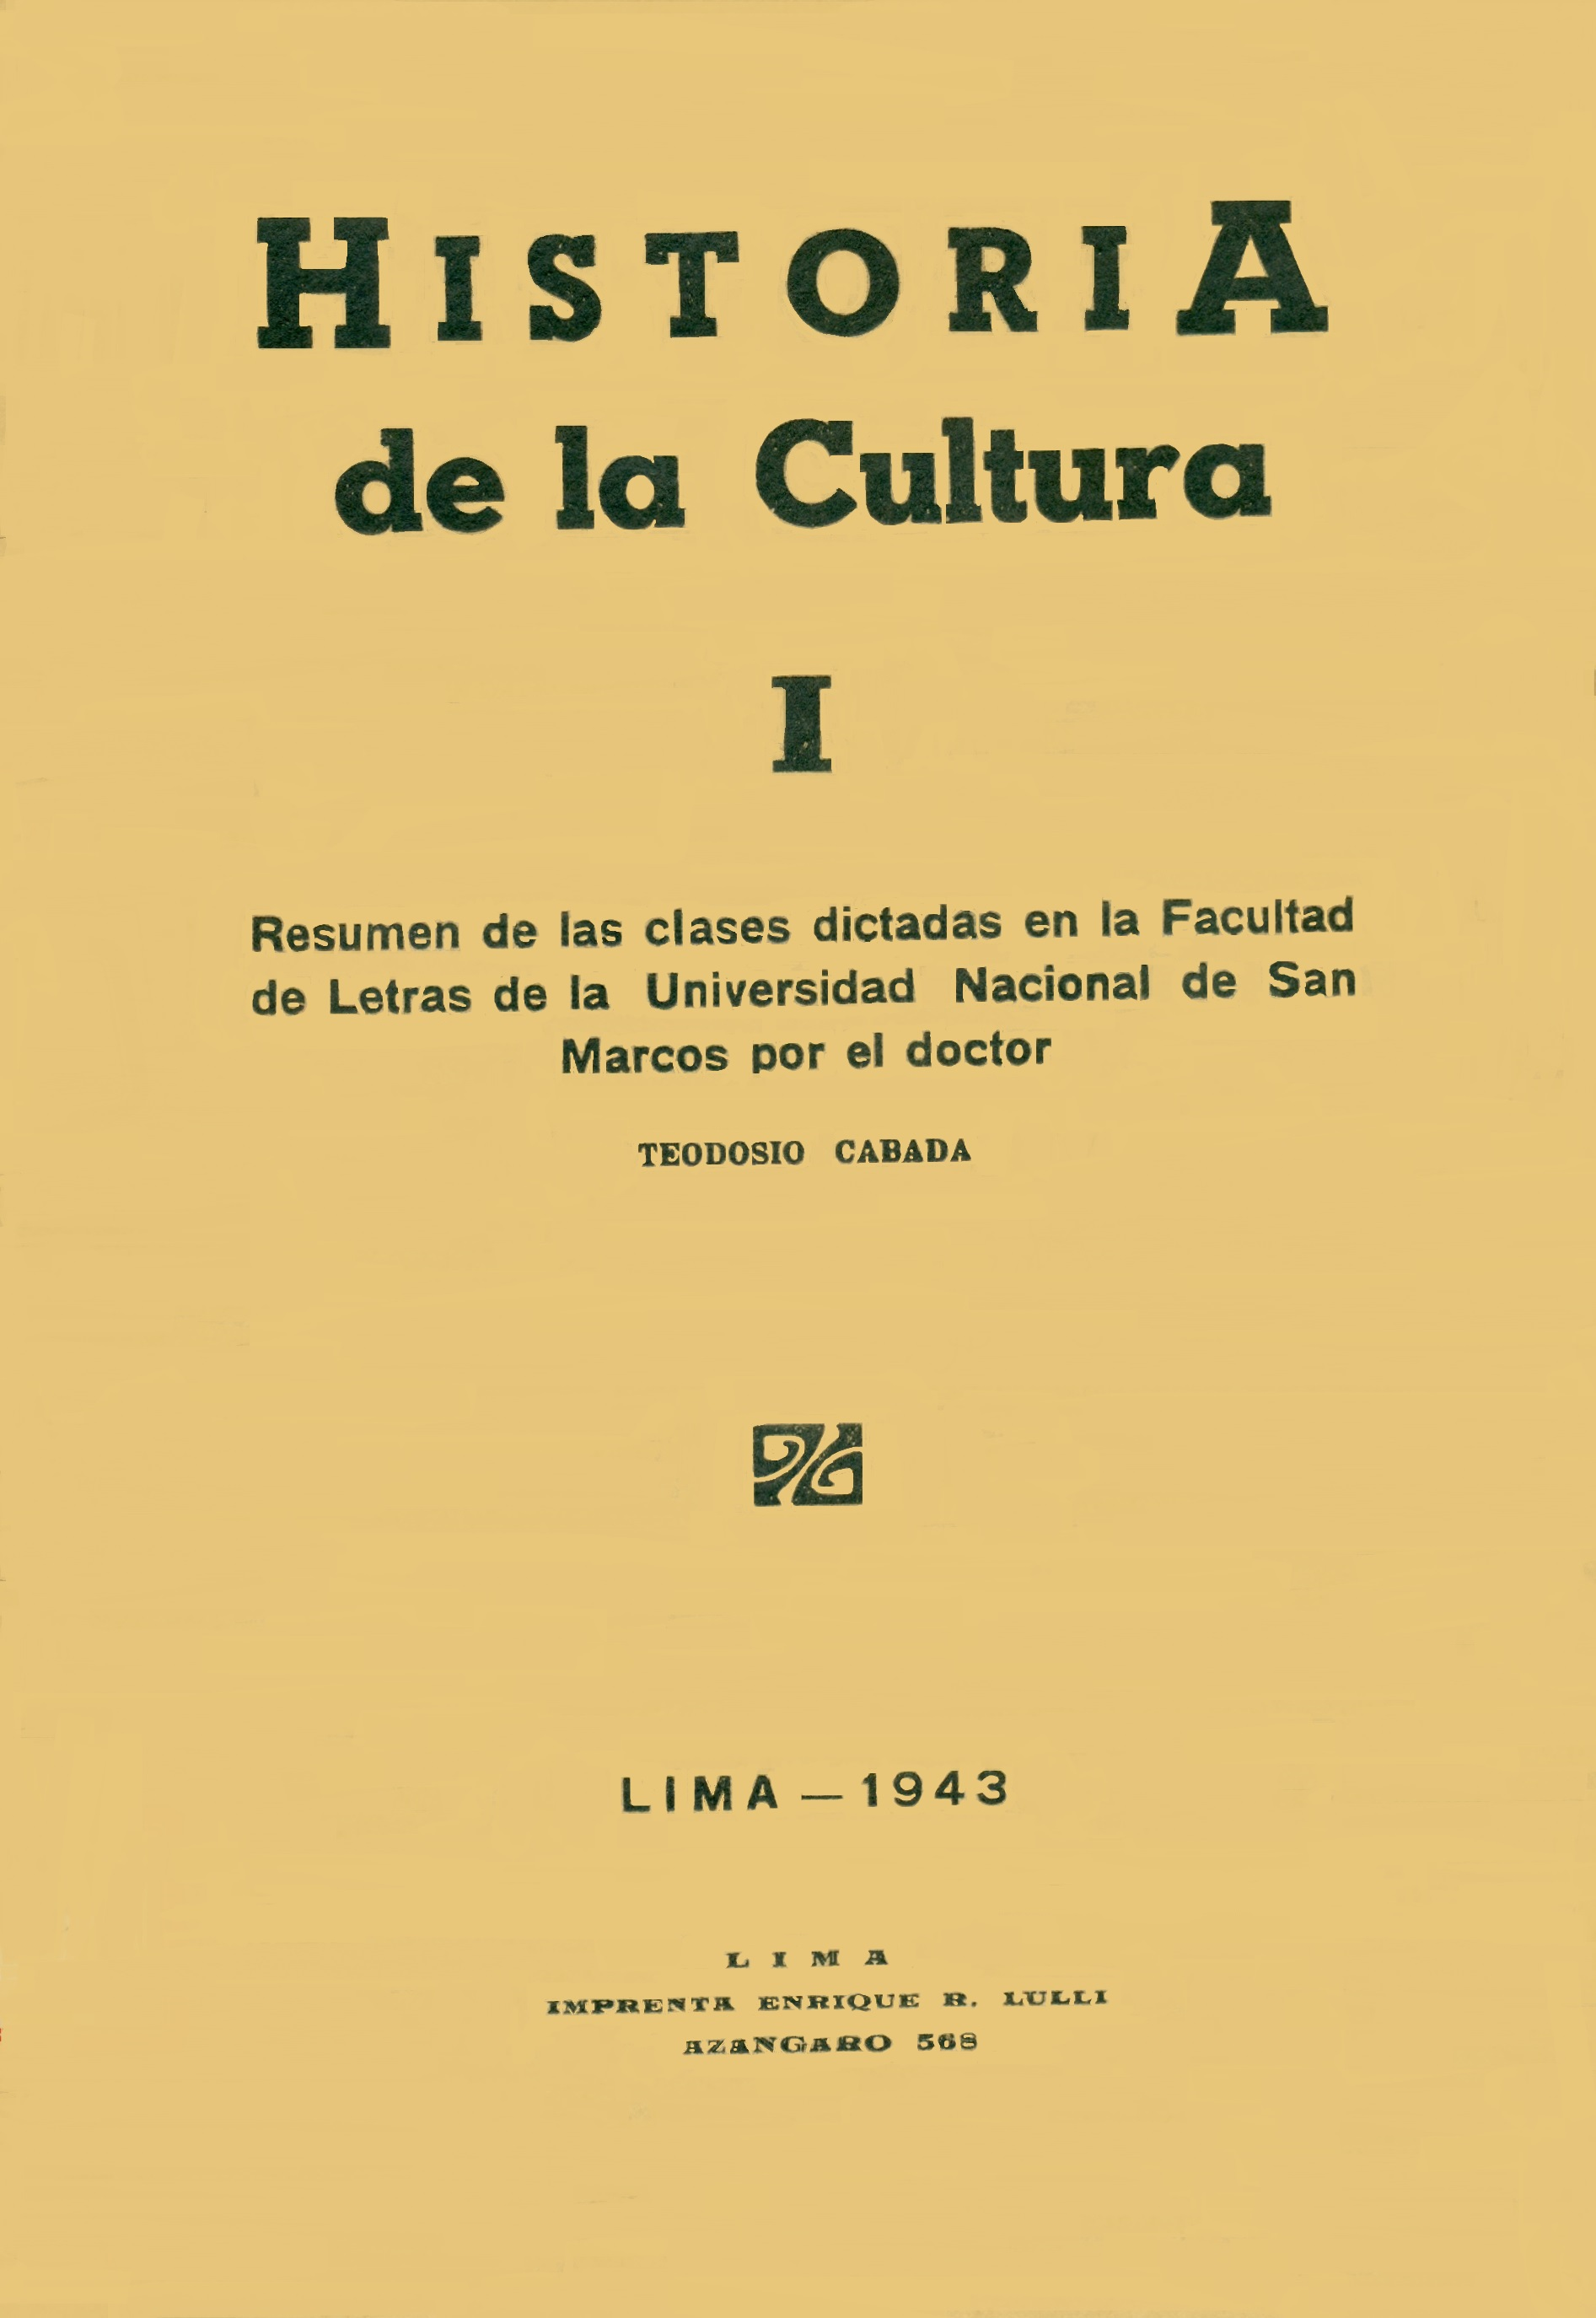 Biblioteca - Catálogo